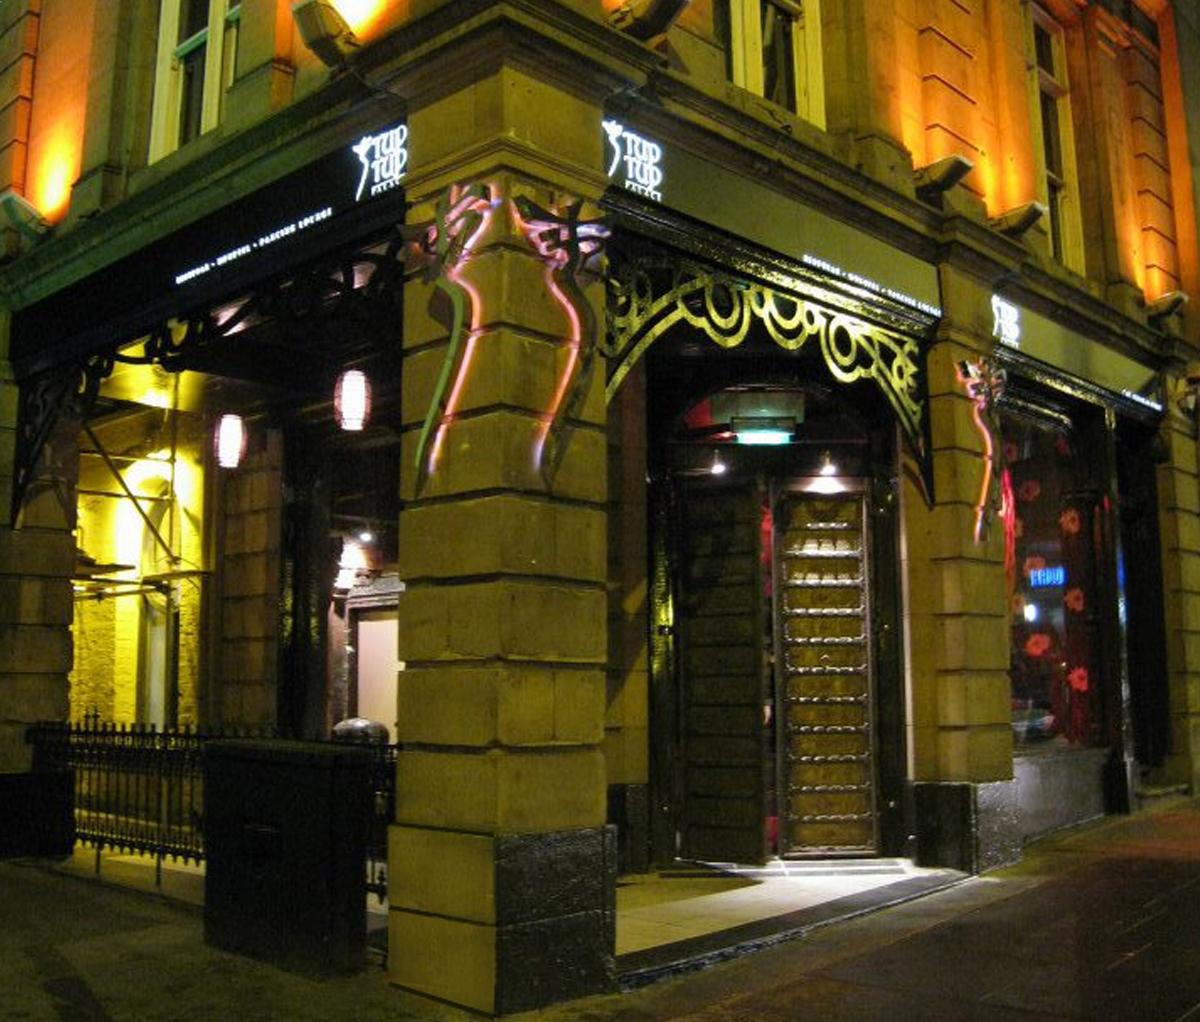 Tup Tup nightclub Newcastle shooting